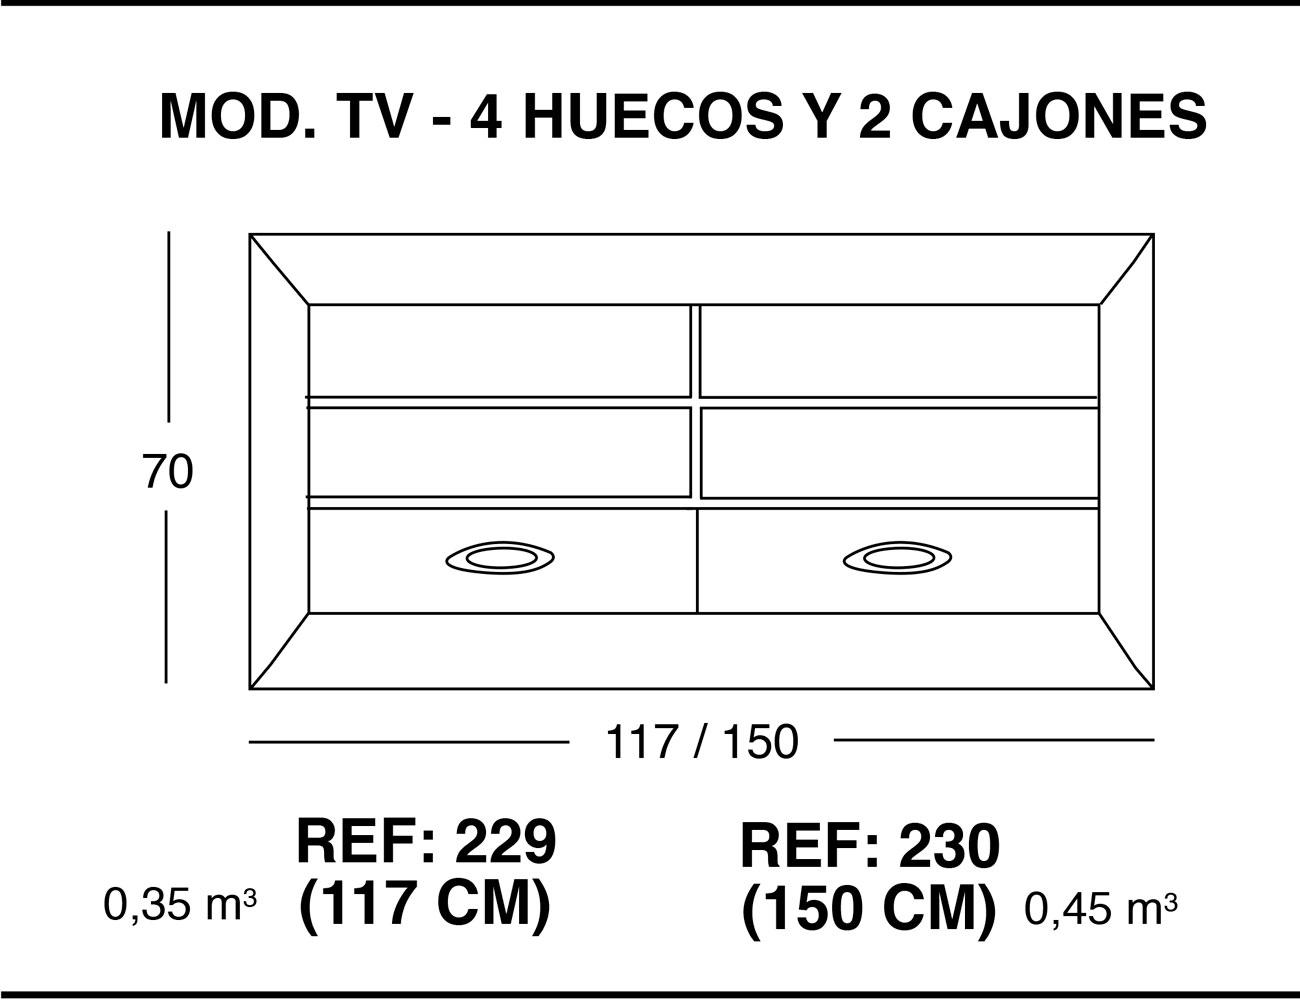 Modulo tv 4 huecos 2 cajones